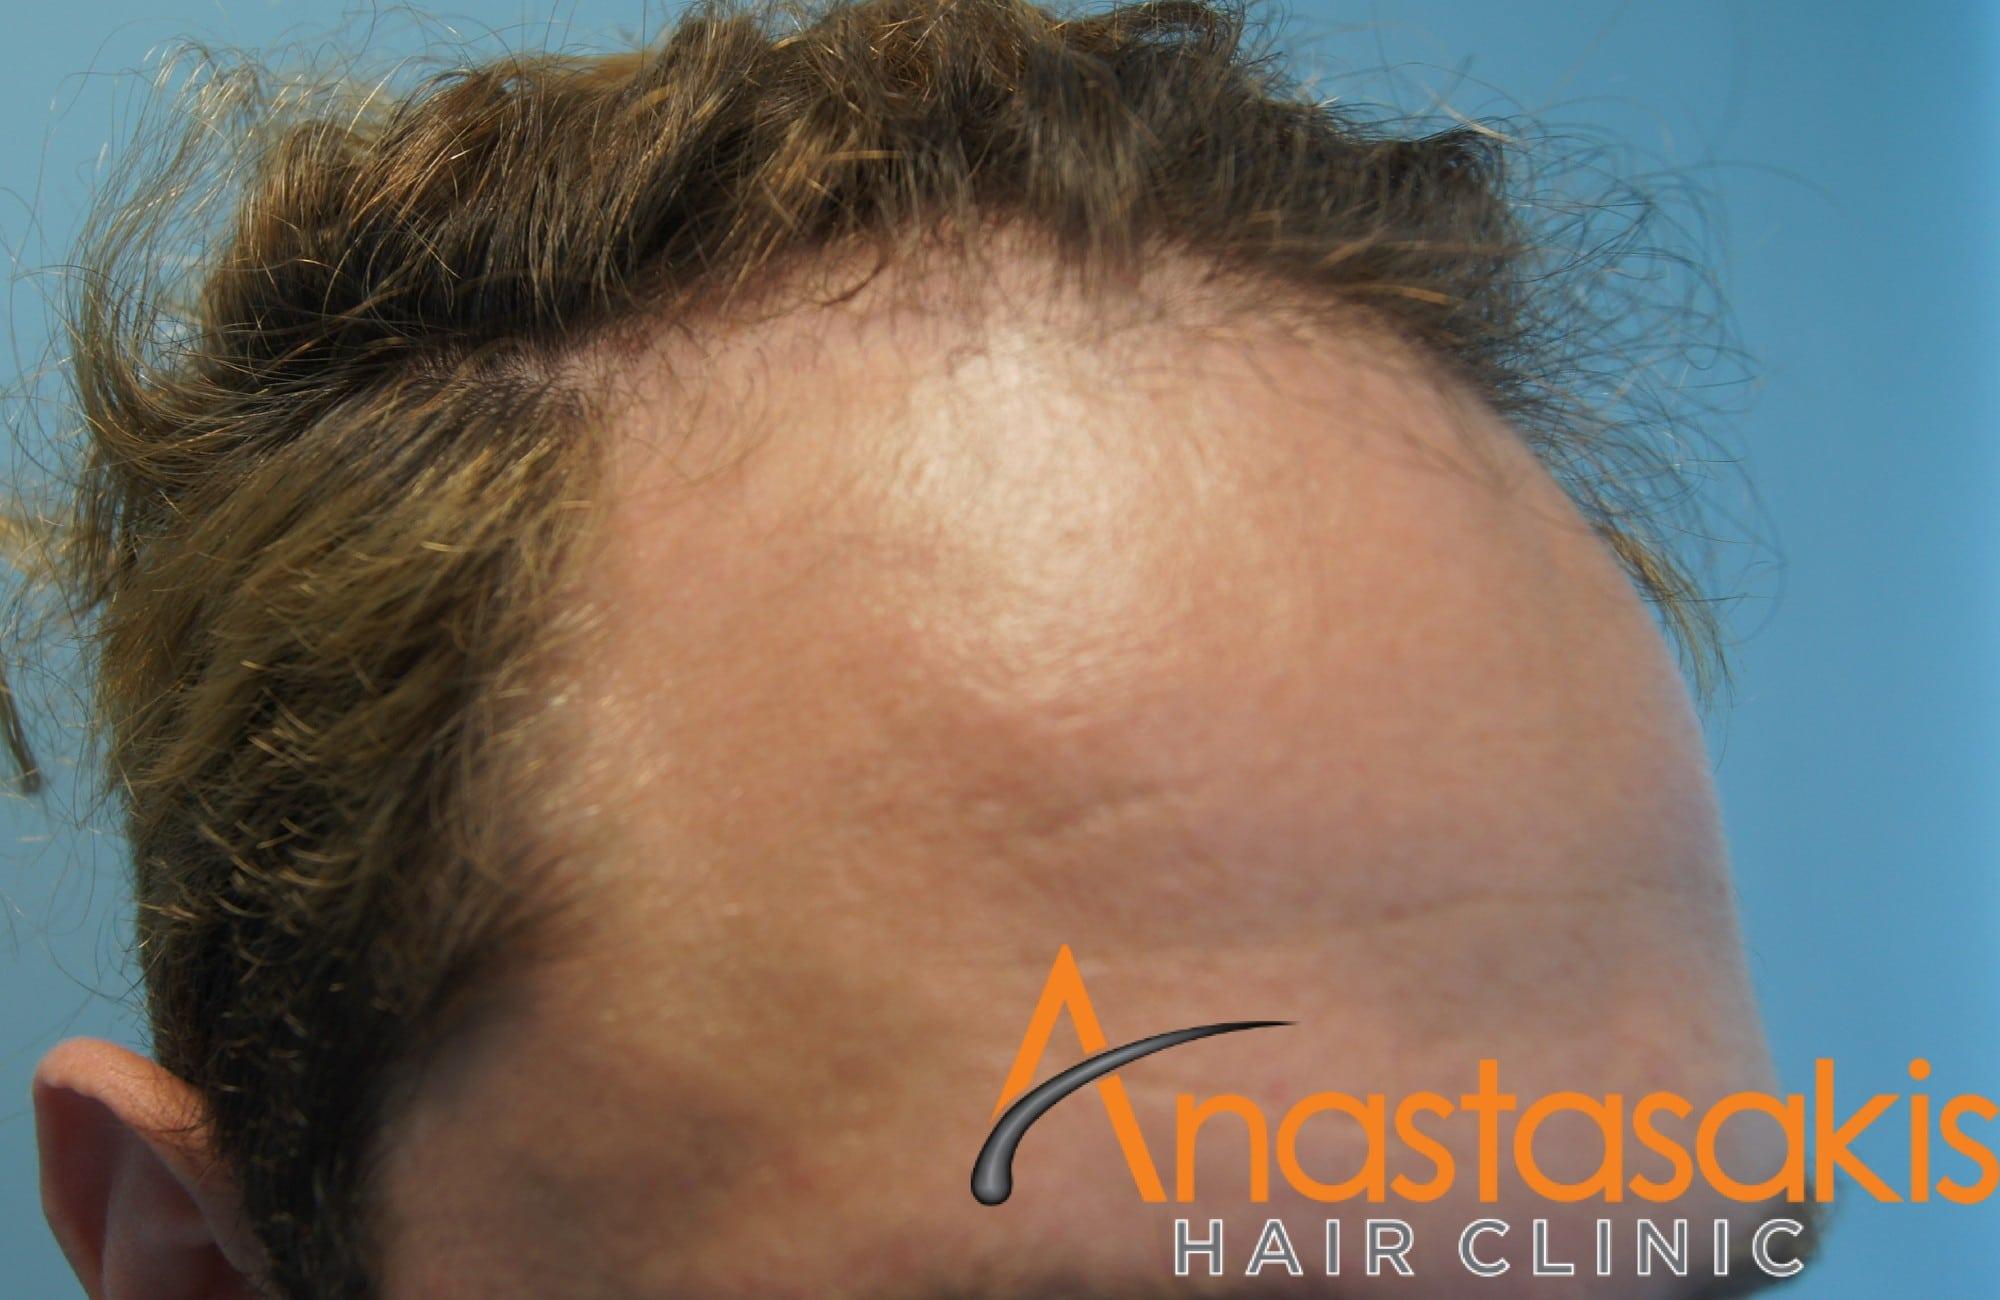 δεξης κρόταφος ασθενούς πριν τη μεταμόσχευση μαλλιων με 2200 Fus